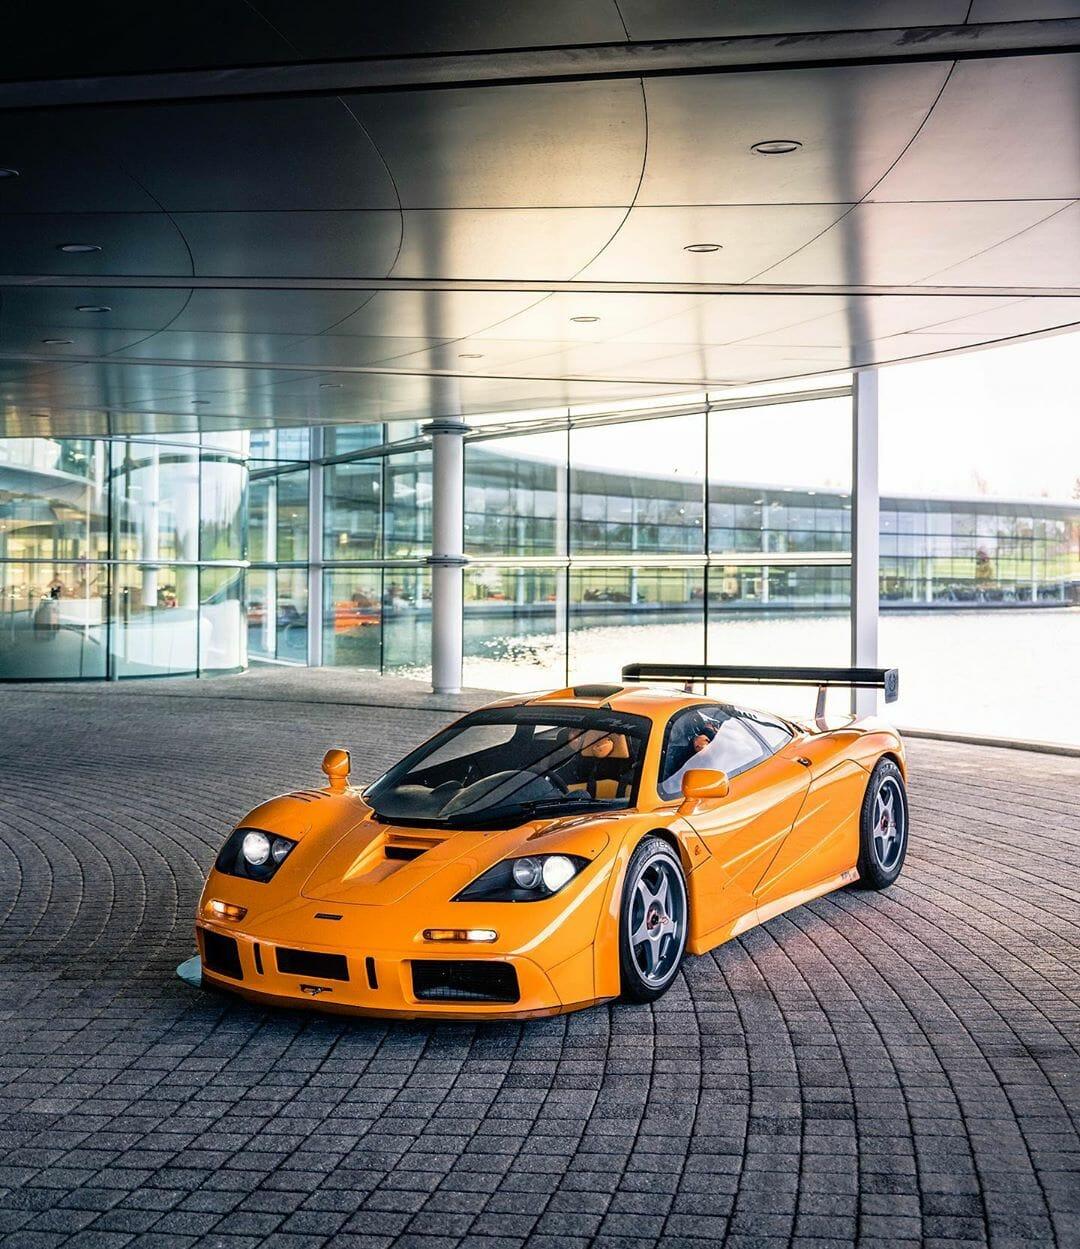 McLaren F1 LM - Image 1